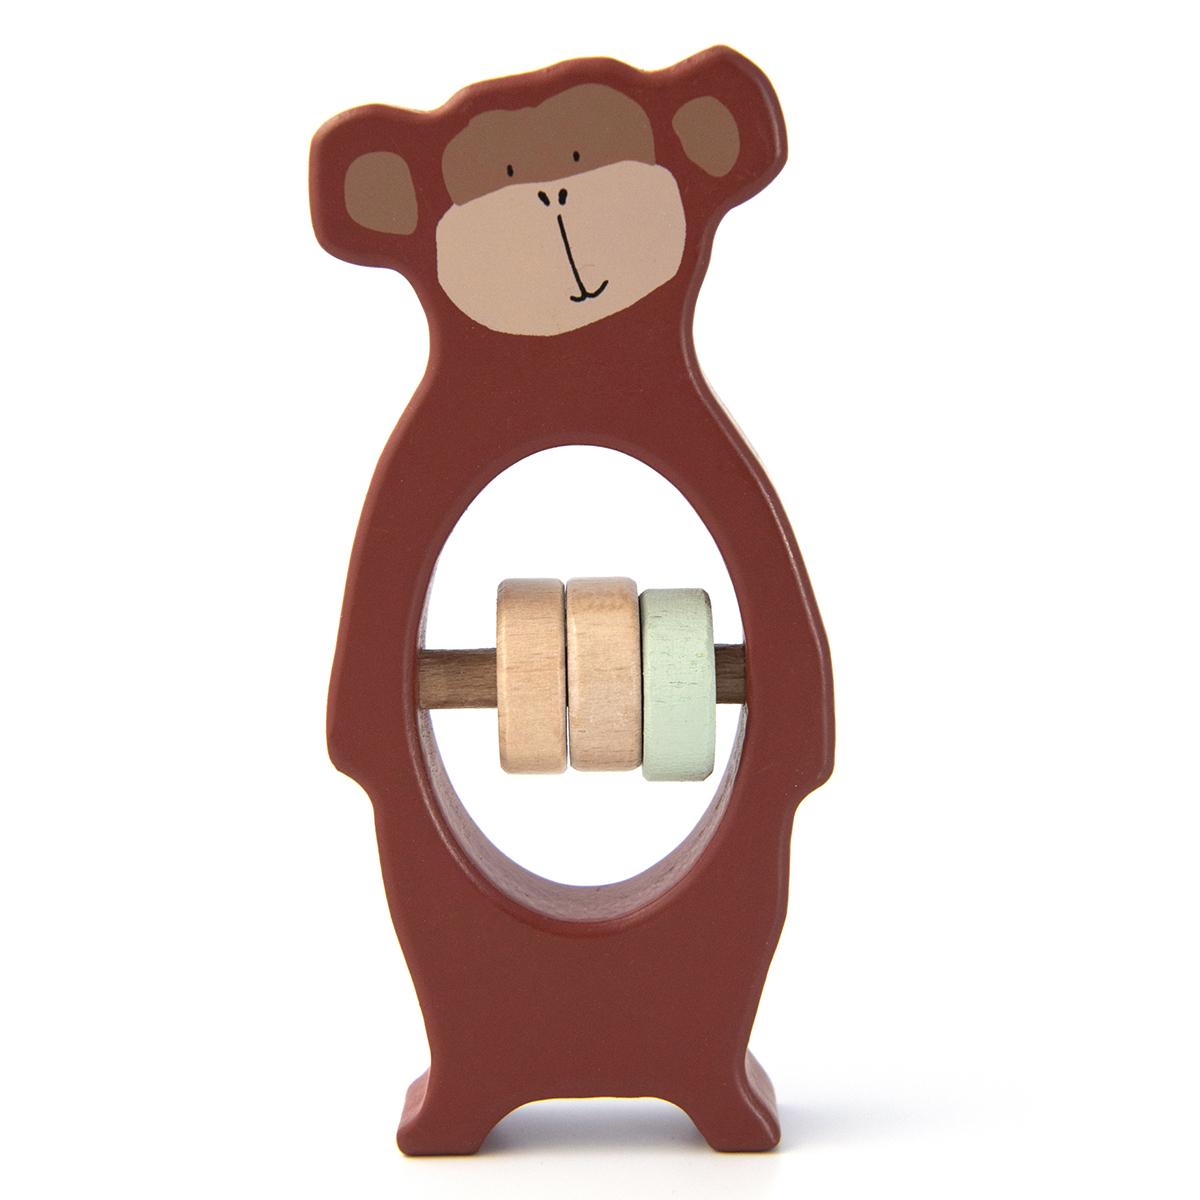 Hochet Hochet en Bois - Mr. Monkey Hochet en Bois - Mr. Monkey